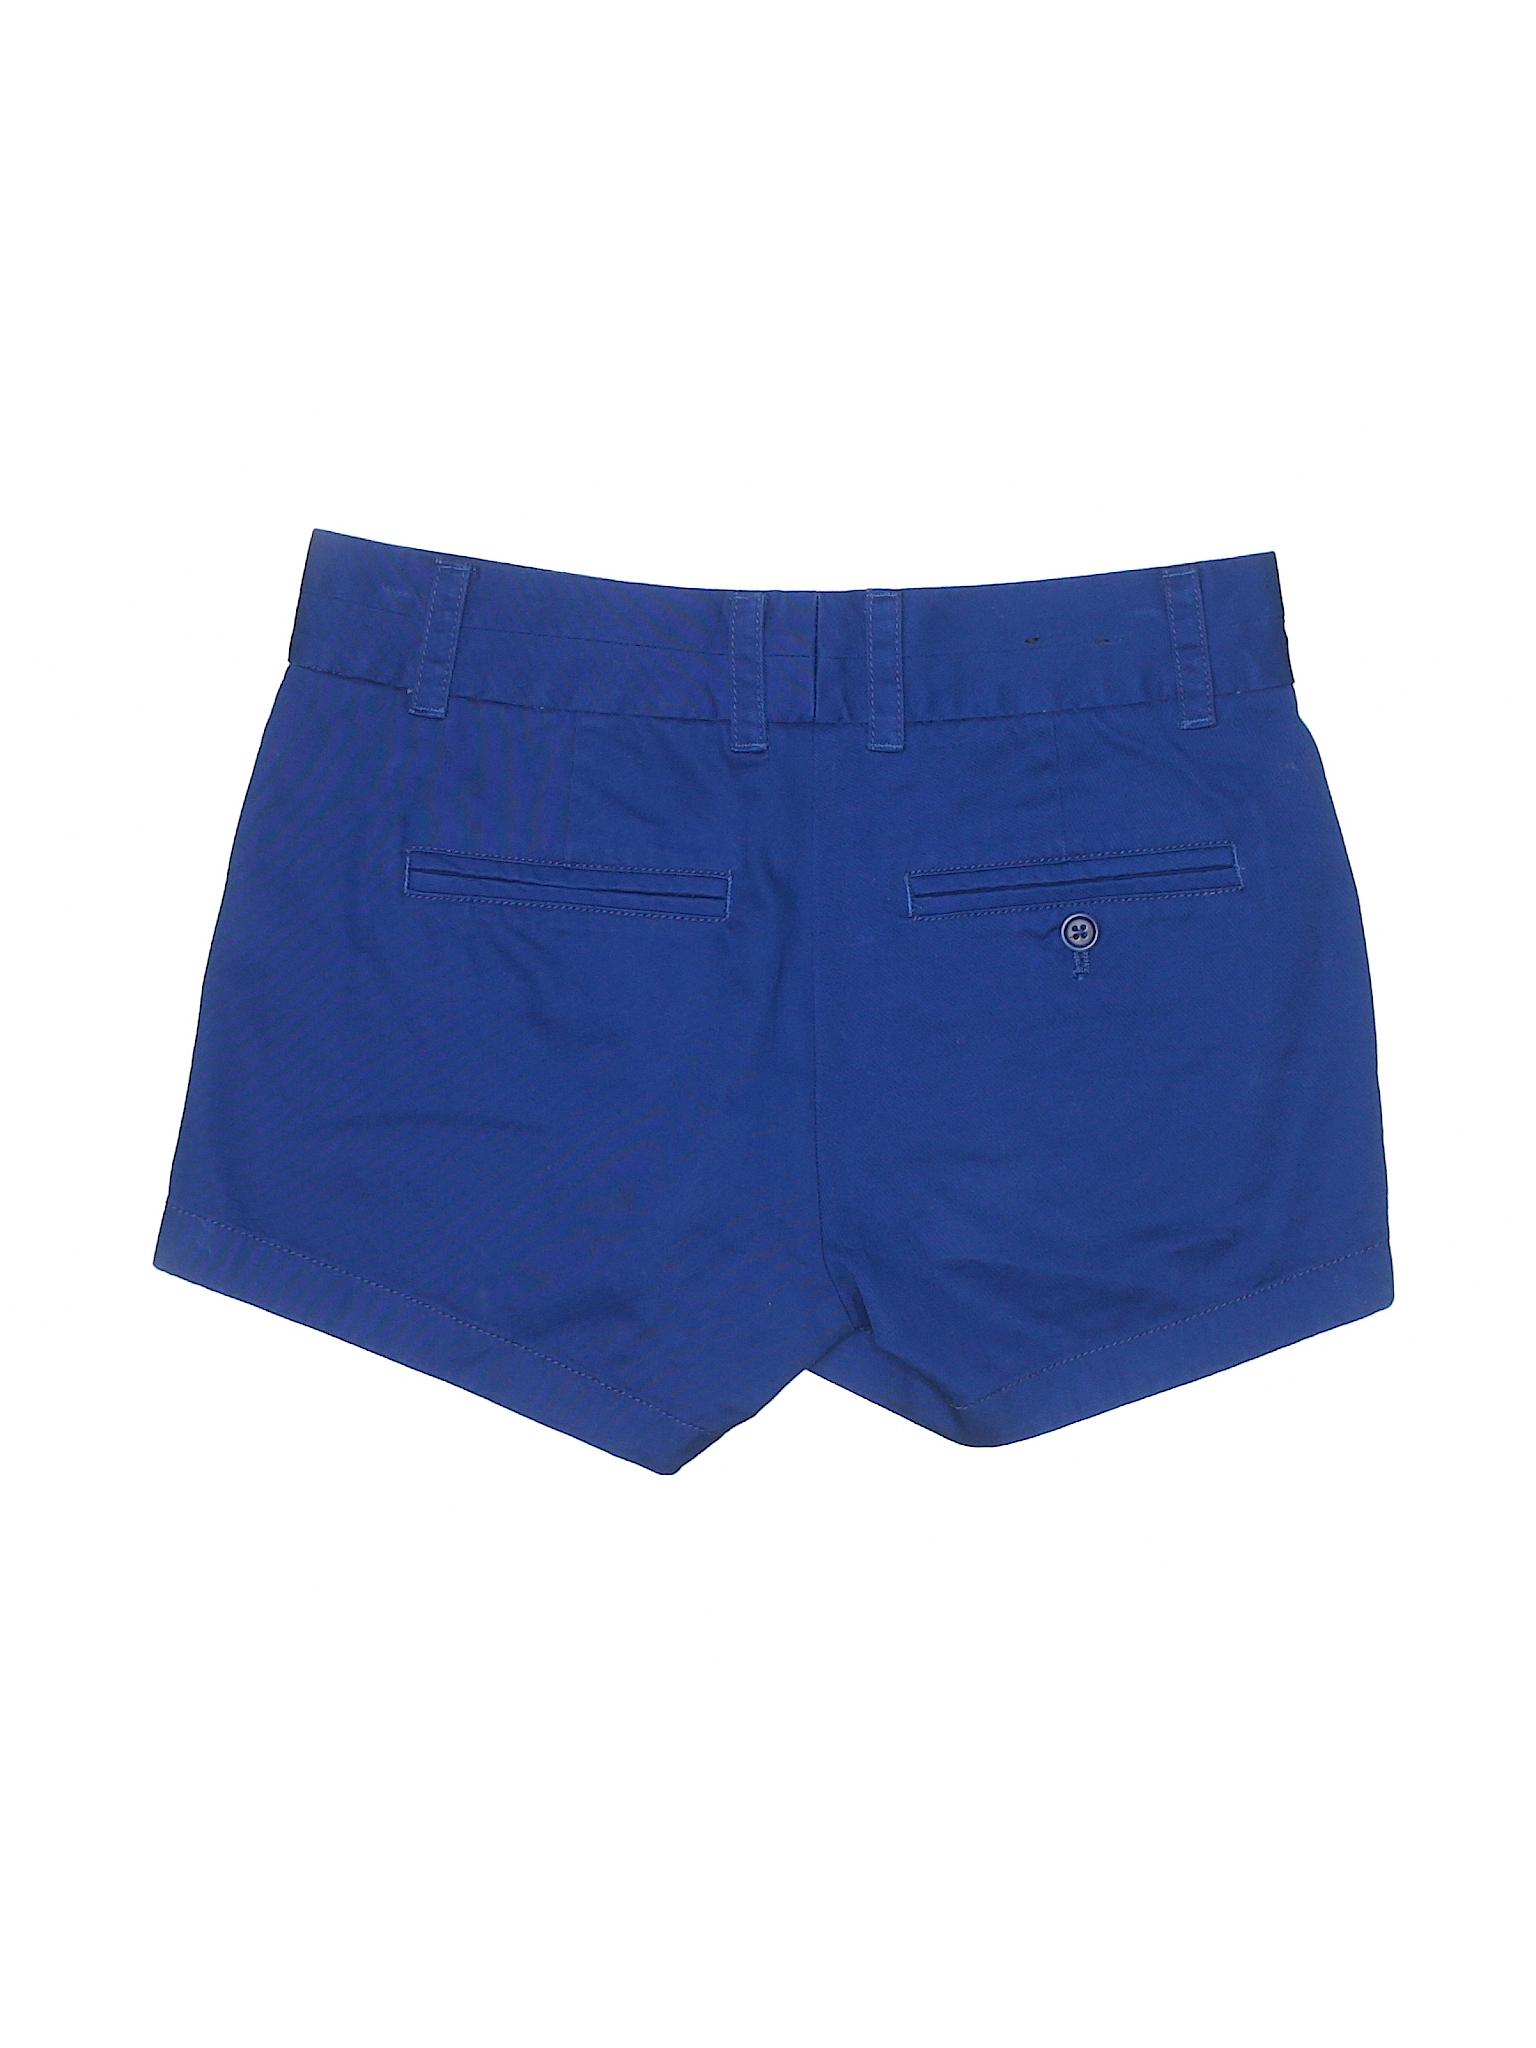 J J Shorts Khaki Crew Khaki Shorts Boutique Boutique J Boutique Crew AxTftwx